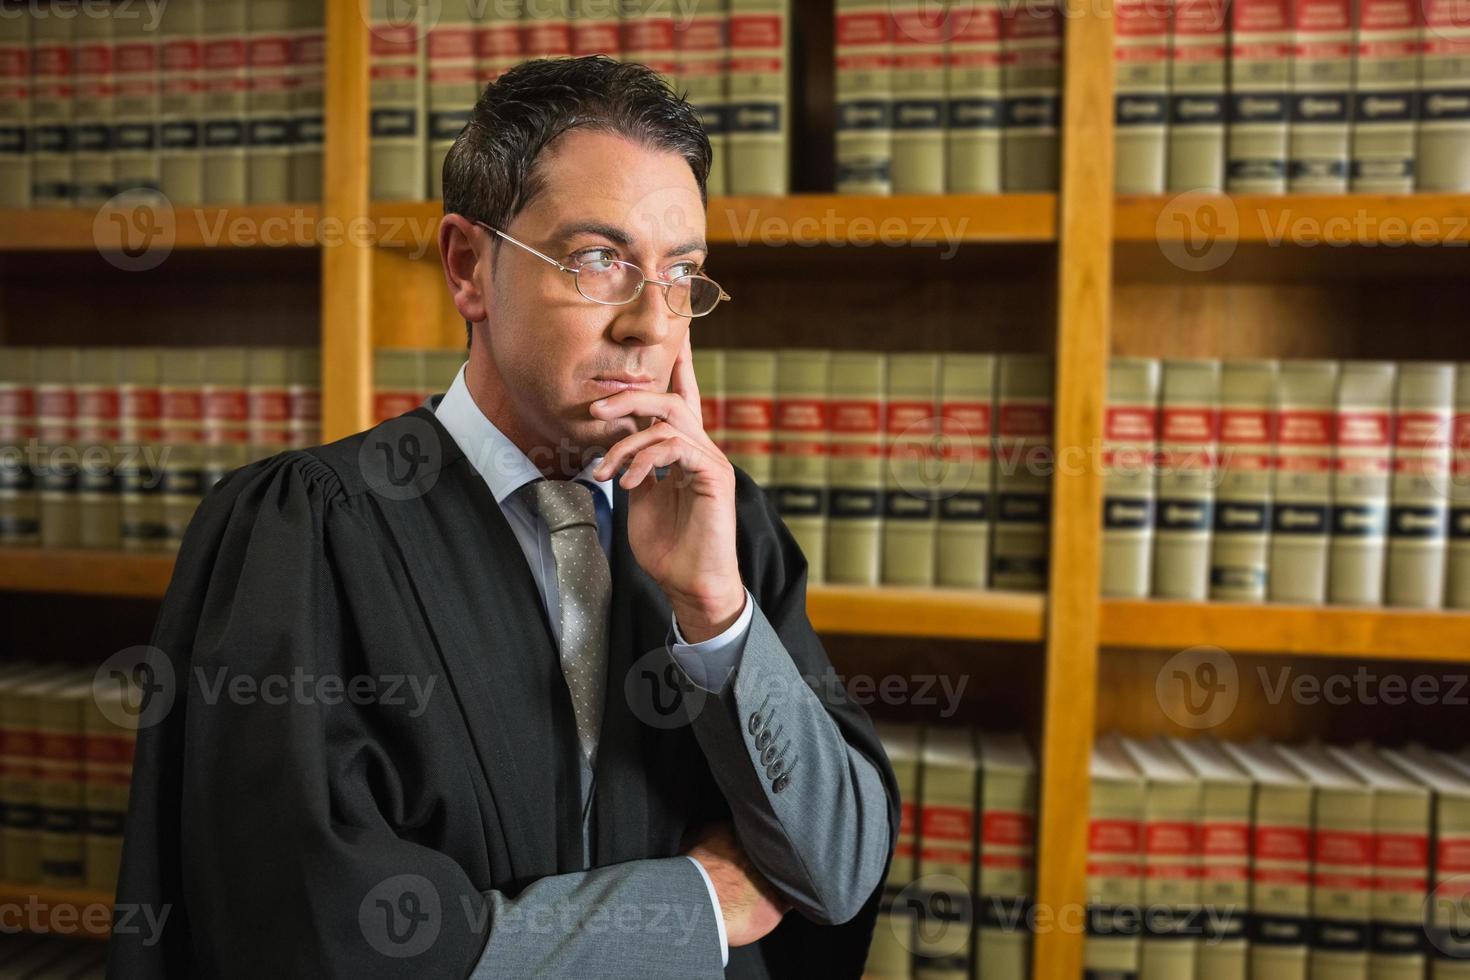 avocat pensant à la bibliothèque de droit photo